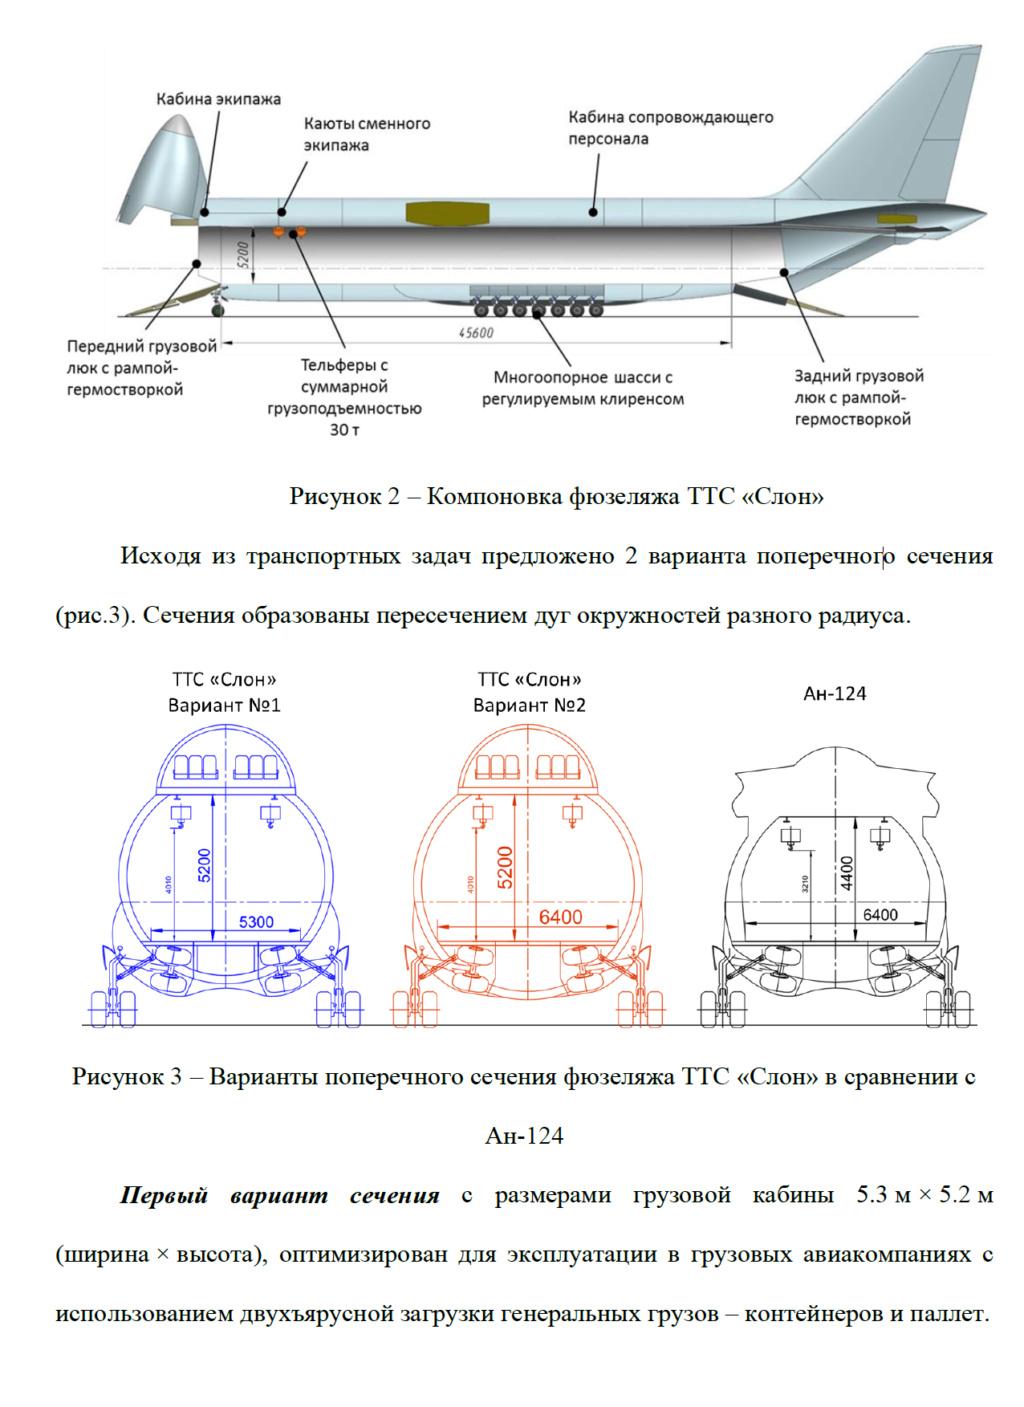 Il-106/PAK VTA Heavy transport  - Page 4 Fdce1c10